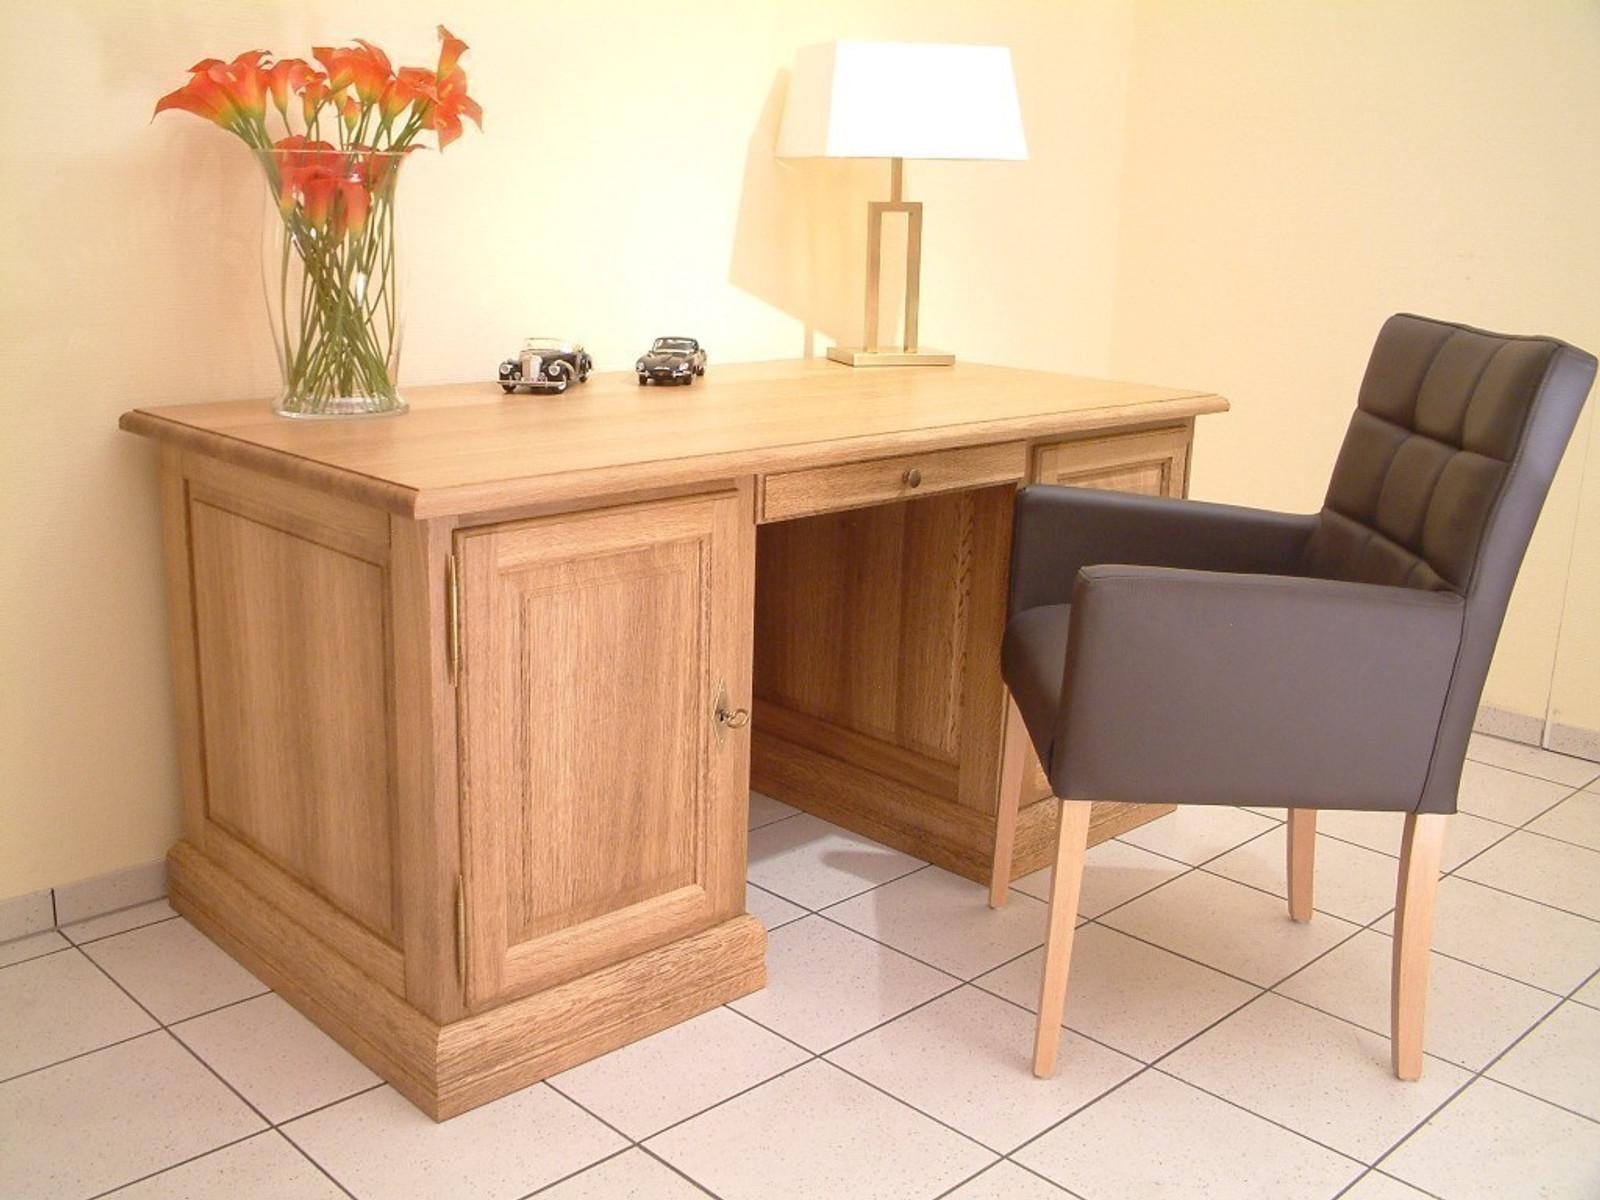 """Schreibtisch in Eiche, Buche oder Kirschbaum massiv - der Maßschreibtisch nach Wunsch - Modell: """"Schreibtisch Norden"""""""